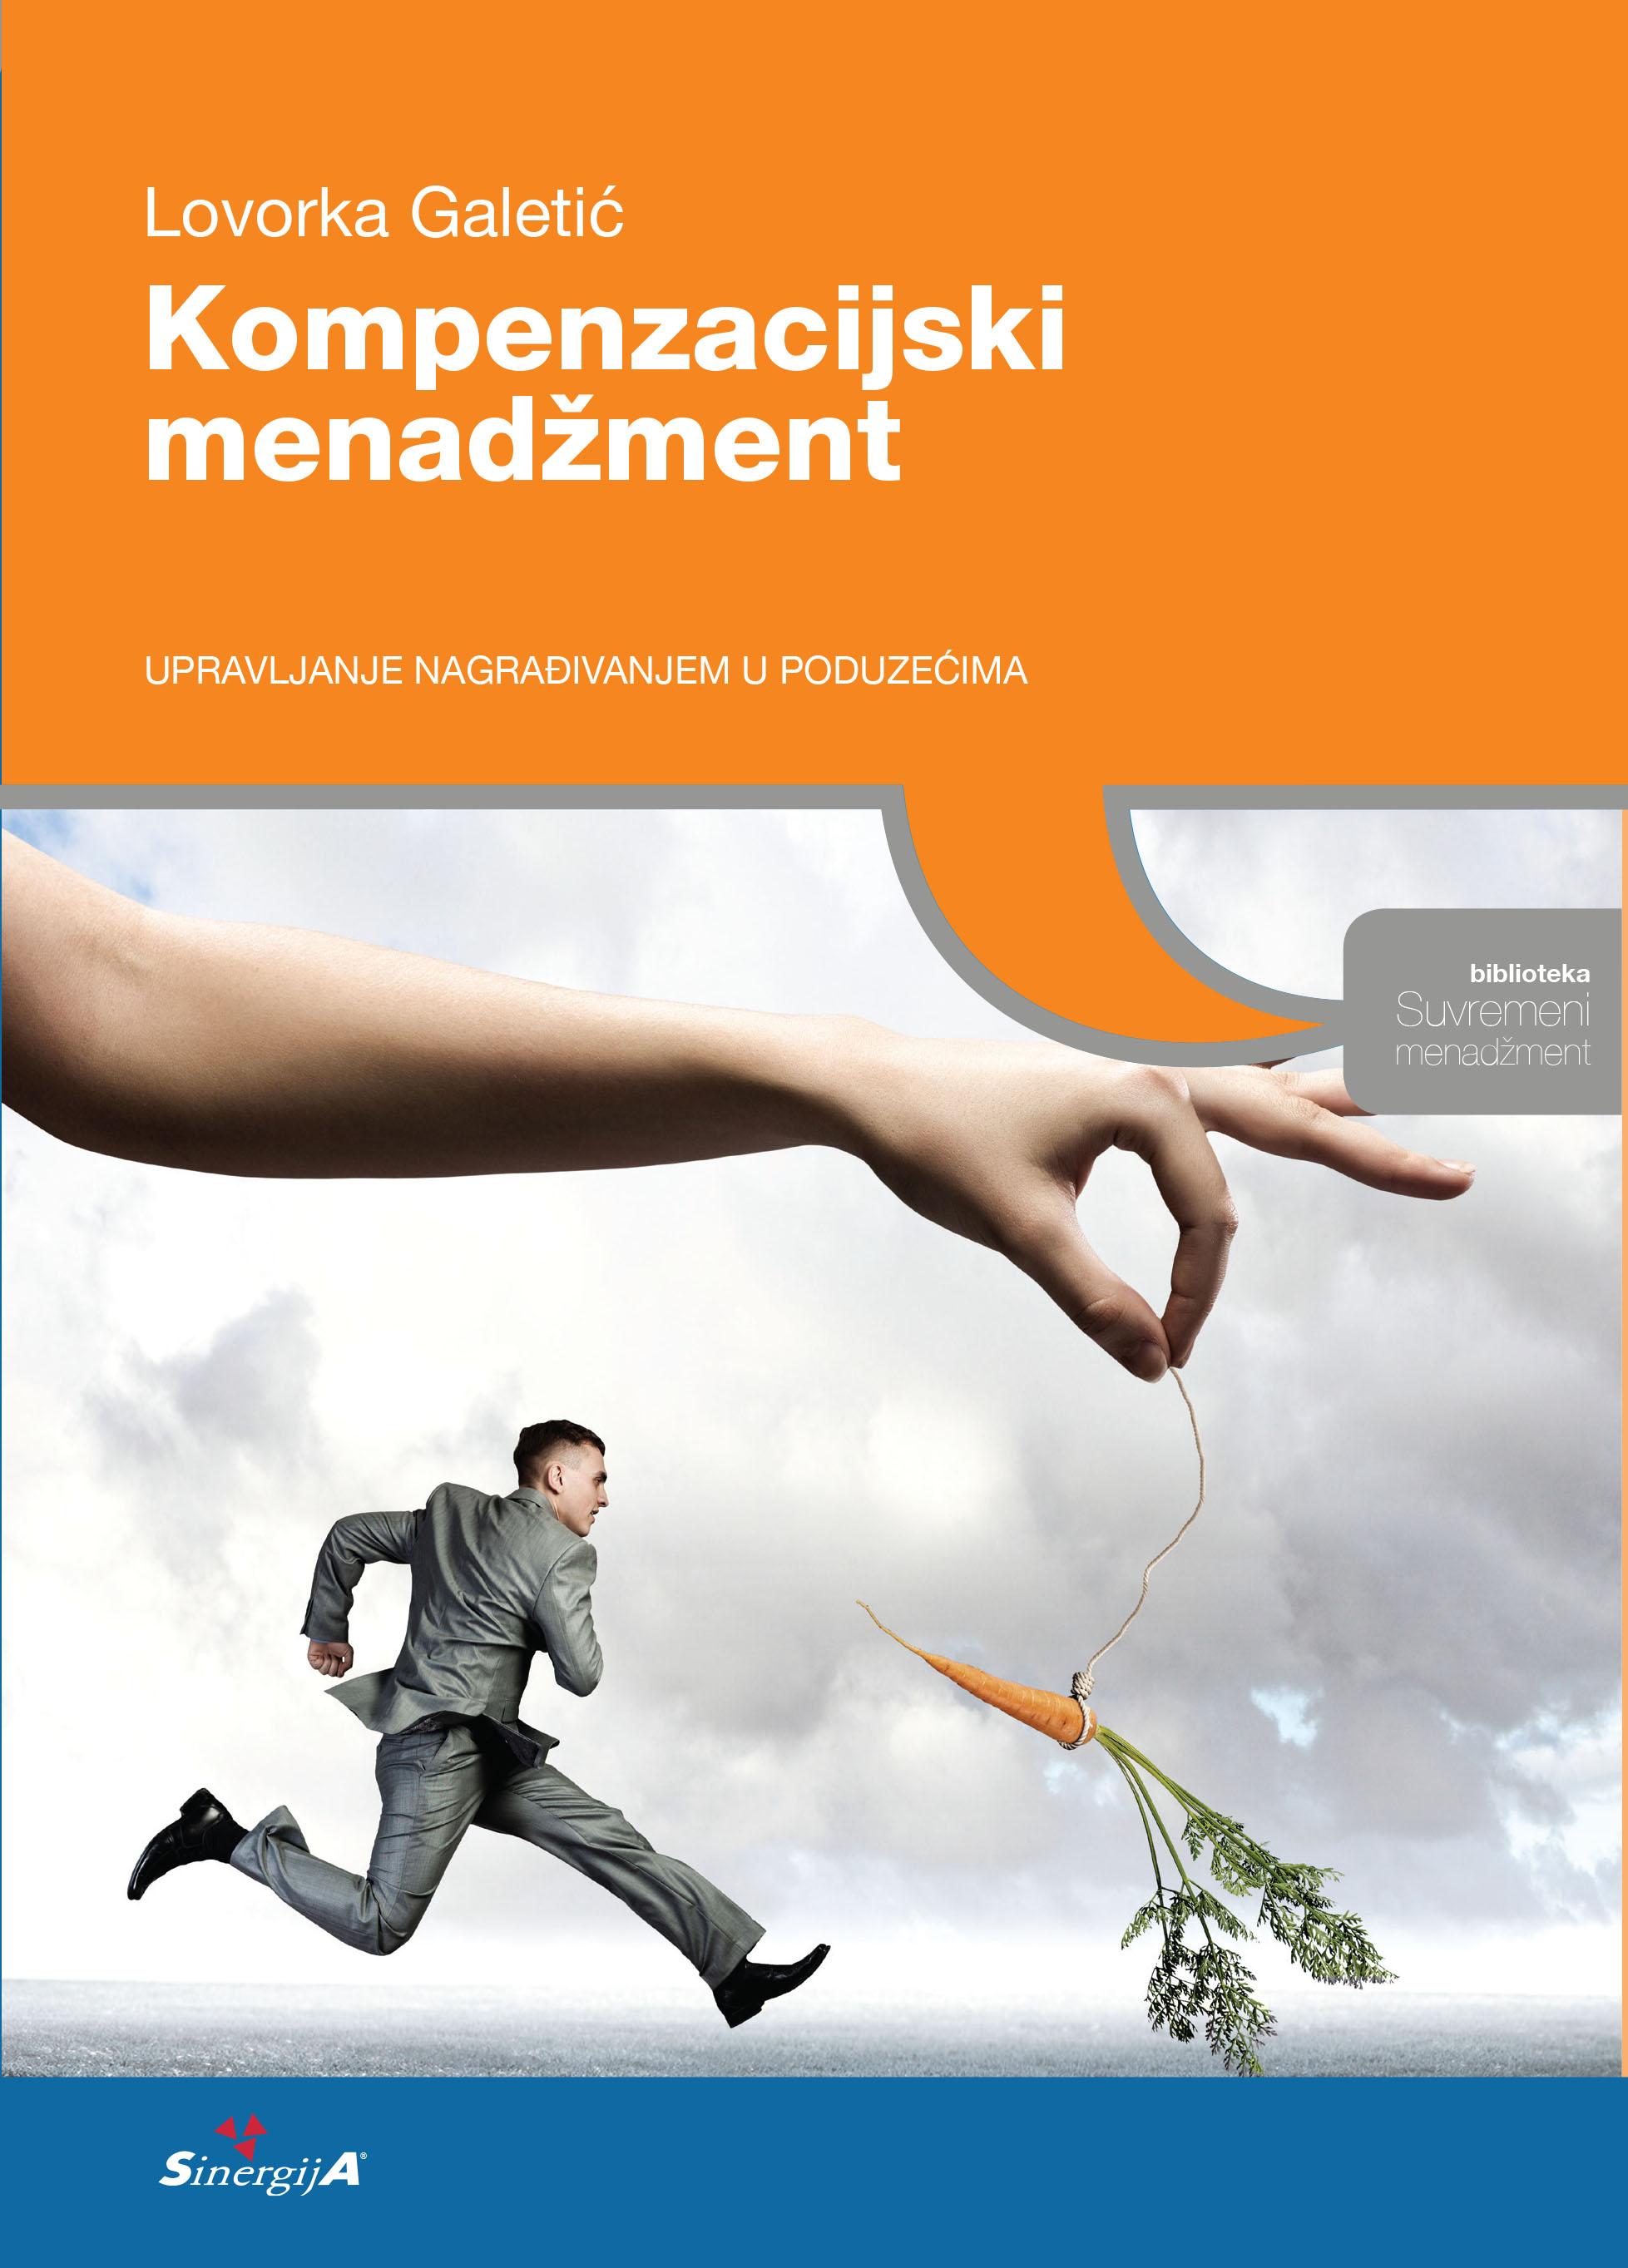 KOMPENZACIJSKI MENADŽMENT - Naruči svoju knjigu